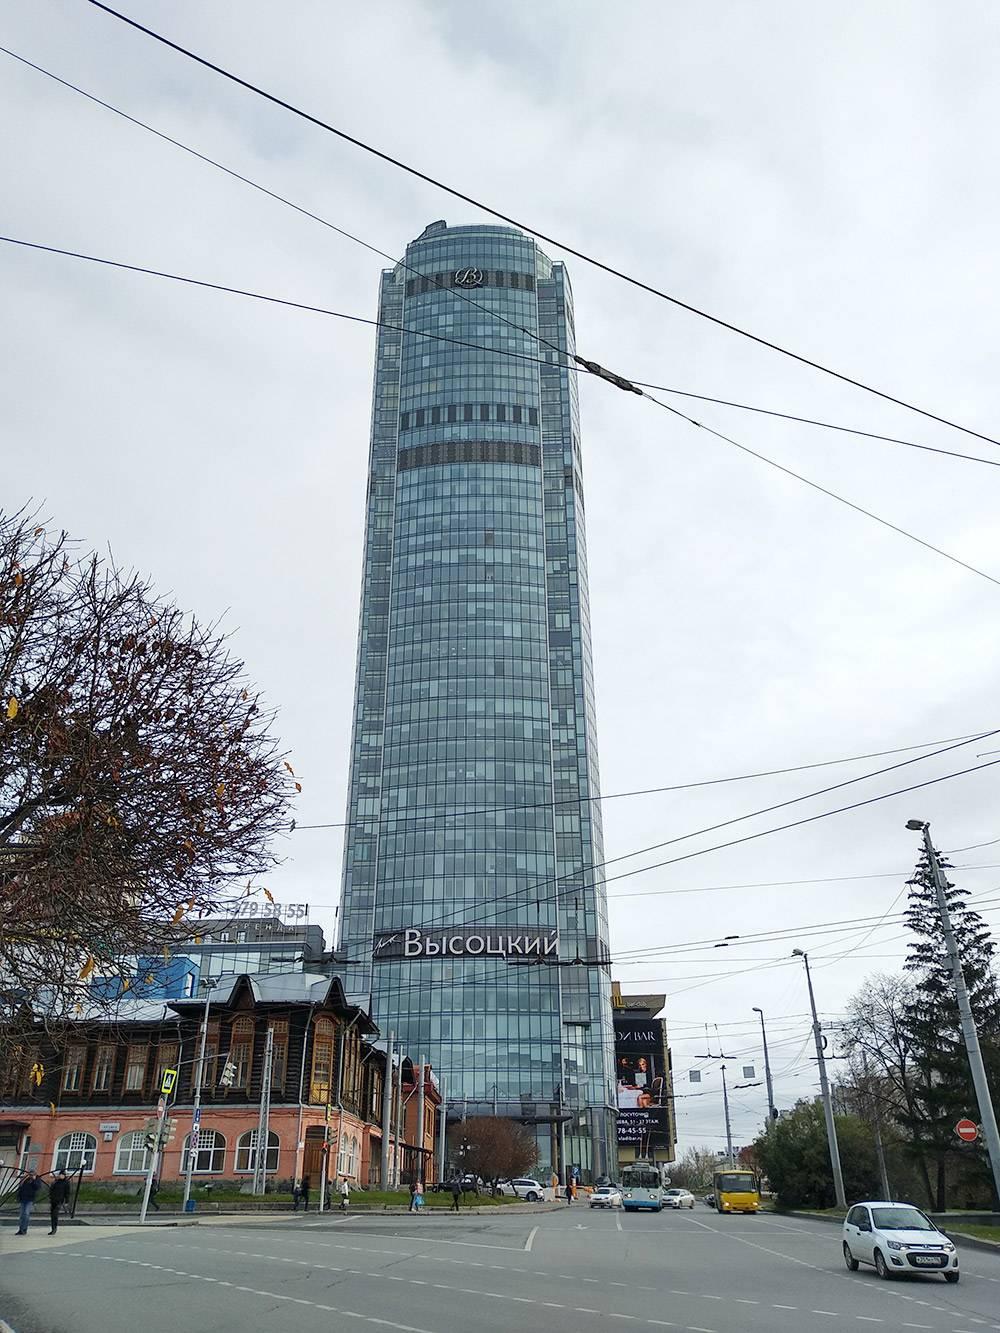 В «Высоцком» располагаются офисы, рестораны, отель, спа-салон и конференц-залы. На обзорную площадку ведет всего один лифт, поэтому приходится ждать, пока он спустится с очередной порцией туристов. Зато подъем быстрый — даже уши закладывает